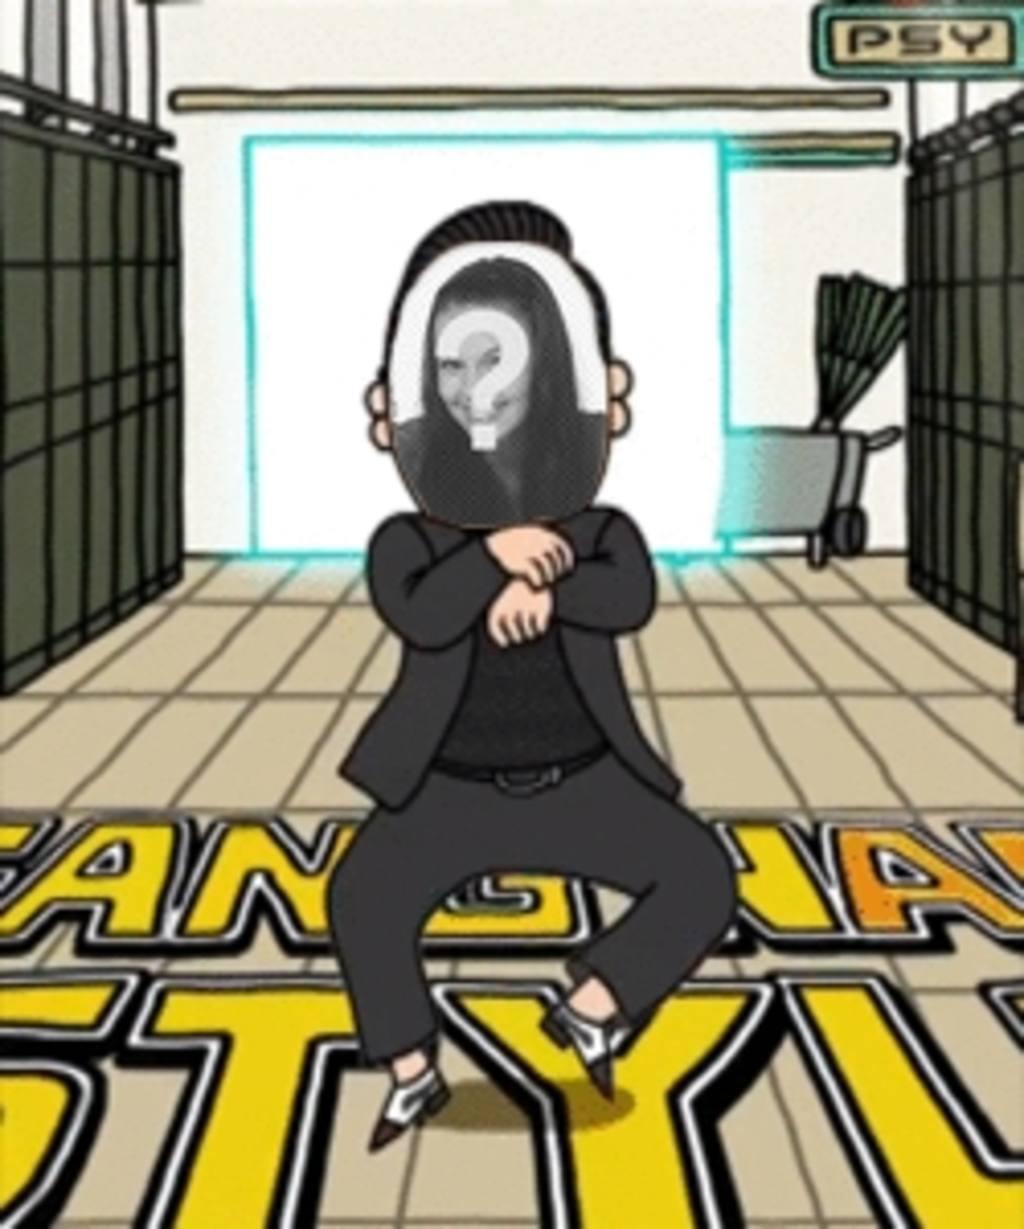 Crea tu animación de Gangnam Style de Psy con tu propia foto y sorprende a tus amigos